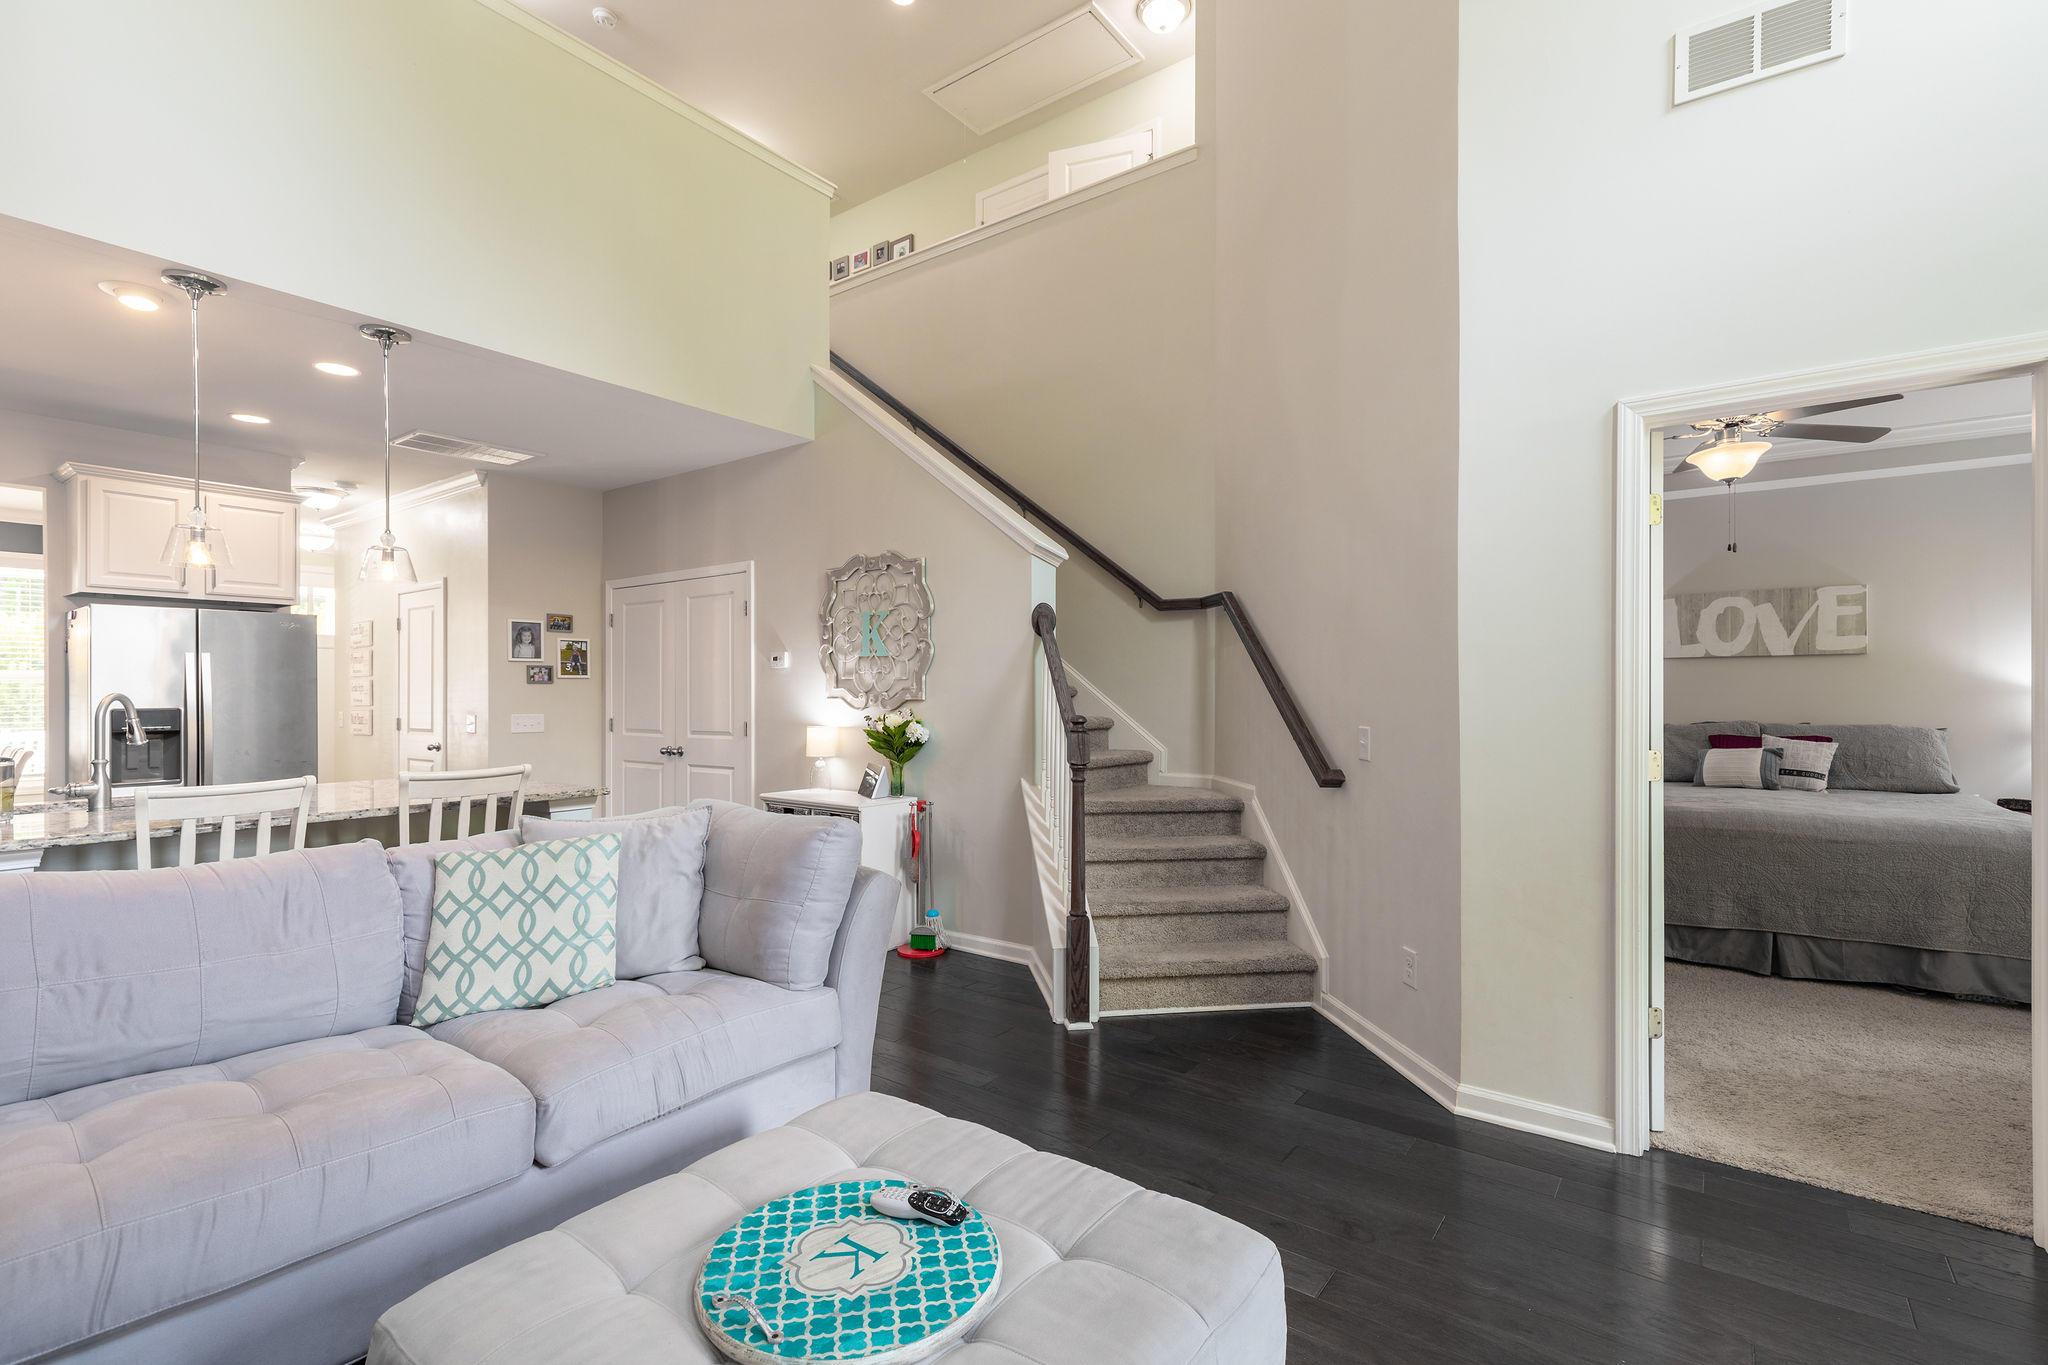 Park West Homes For Sale - 1686 Bridwell, Mount Pleasant, SC - 24